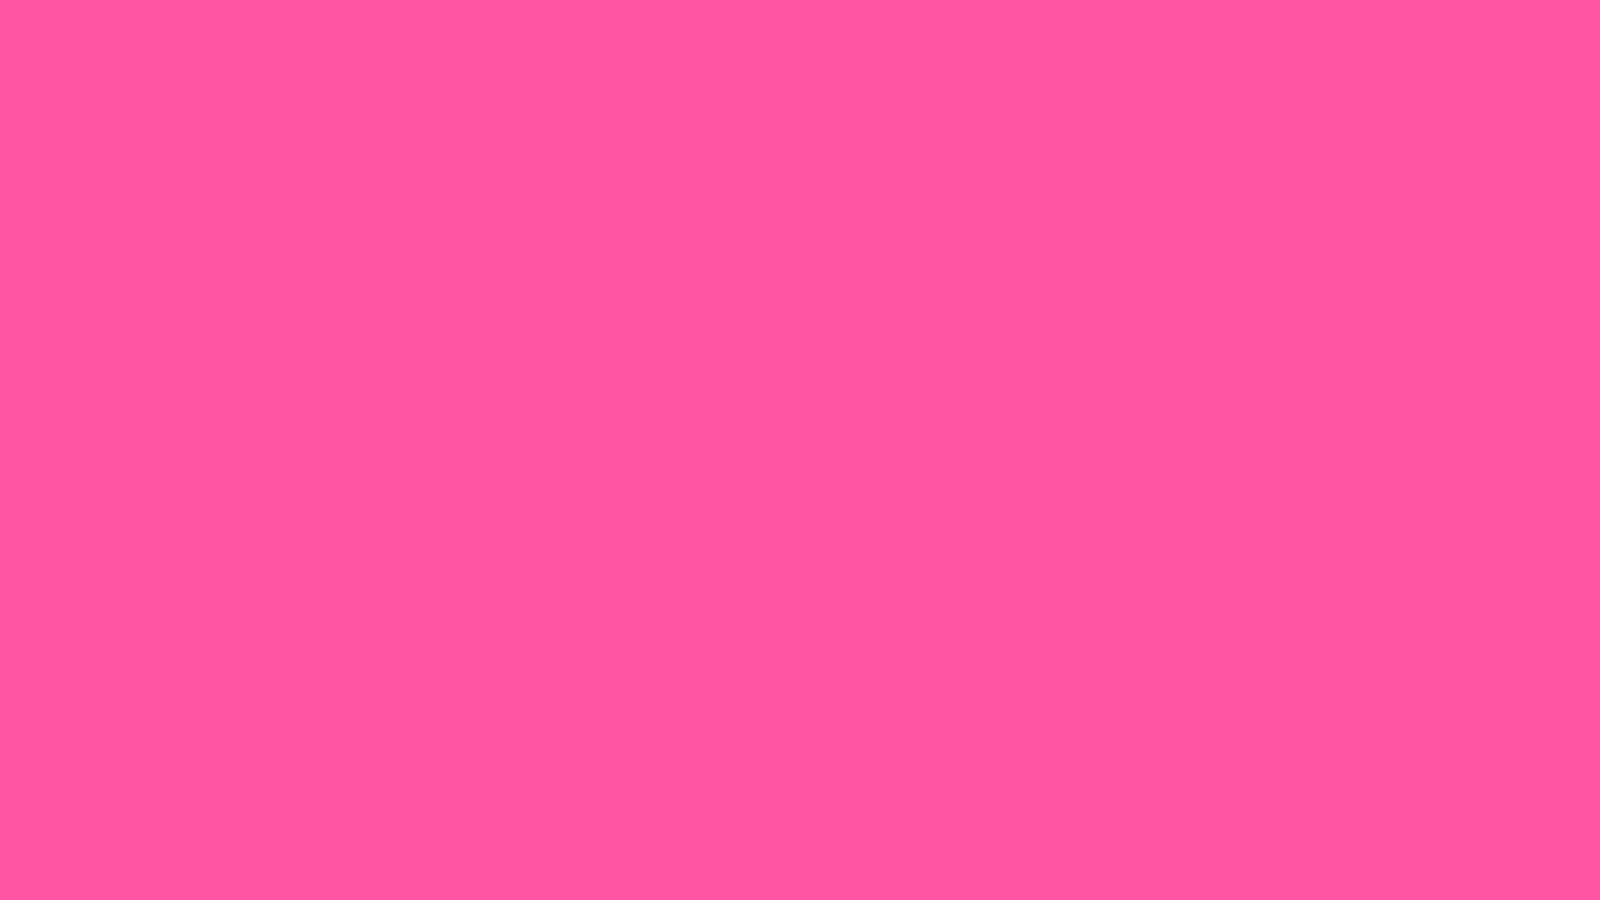 1600x900 Magenta Crayola Solid Color Background